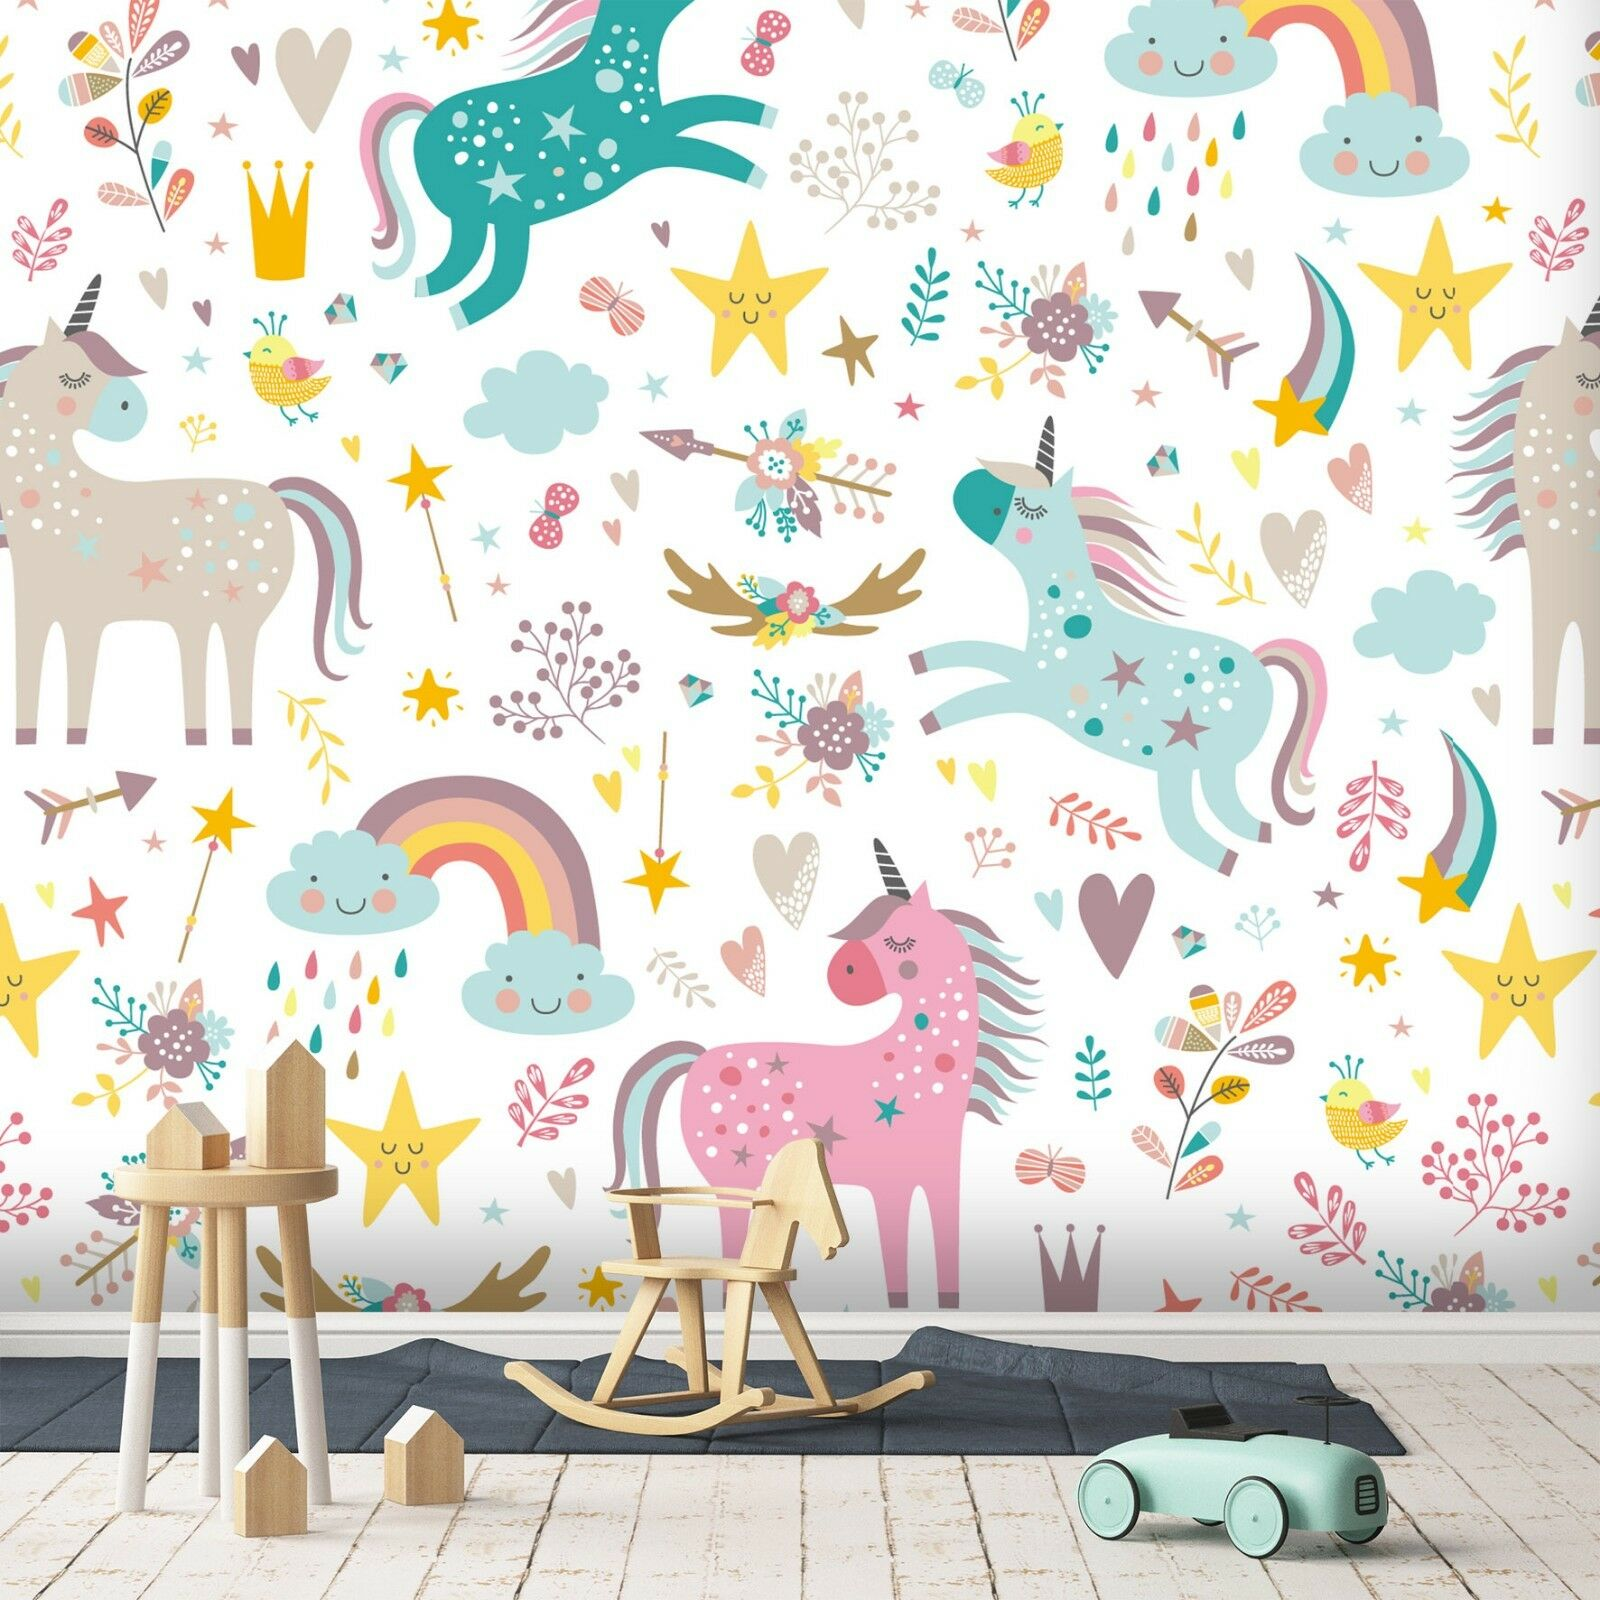 3D Rosa Einhorn 940 Tapete Wandgemälde Wandgemälde Wandgemälde Tapete Tapeten Bild Familie DE Sidney | Gewinnen Sie hoch geschätzt  4f35e1